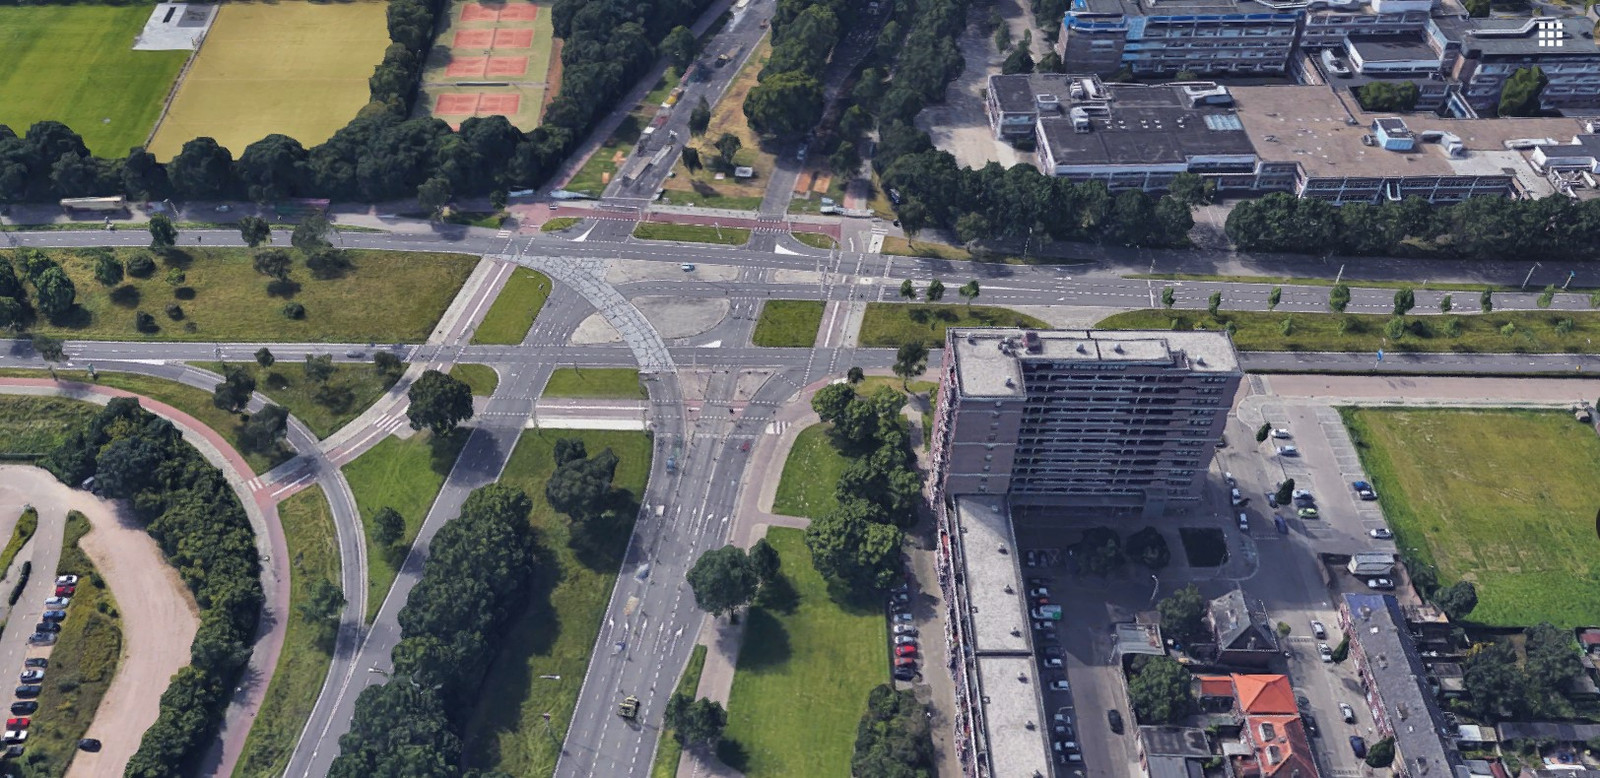 De kruising Kennedylaan-Ring in Eindhoven wordt nu 'bekeken' door vijf slimme camera's. Rechts de Onze-Lieve-Vrouwestraat, links de Insulindelaan.